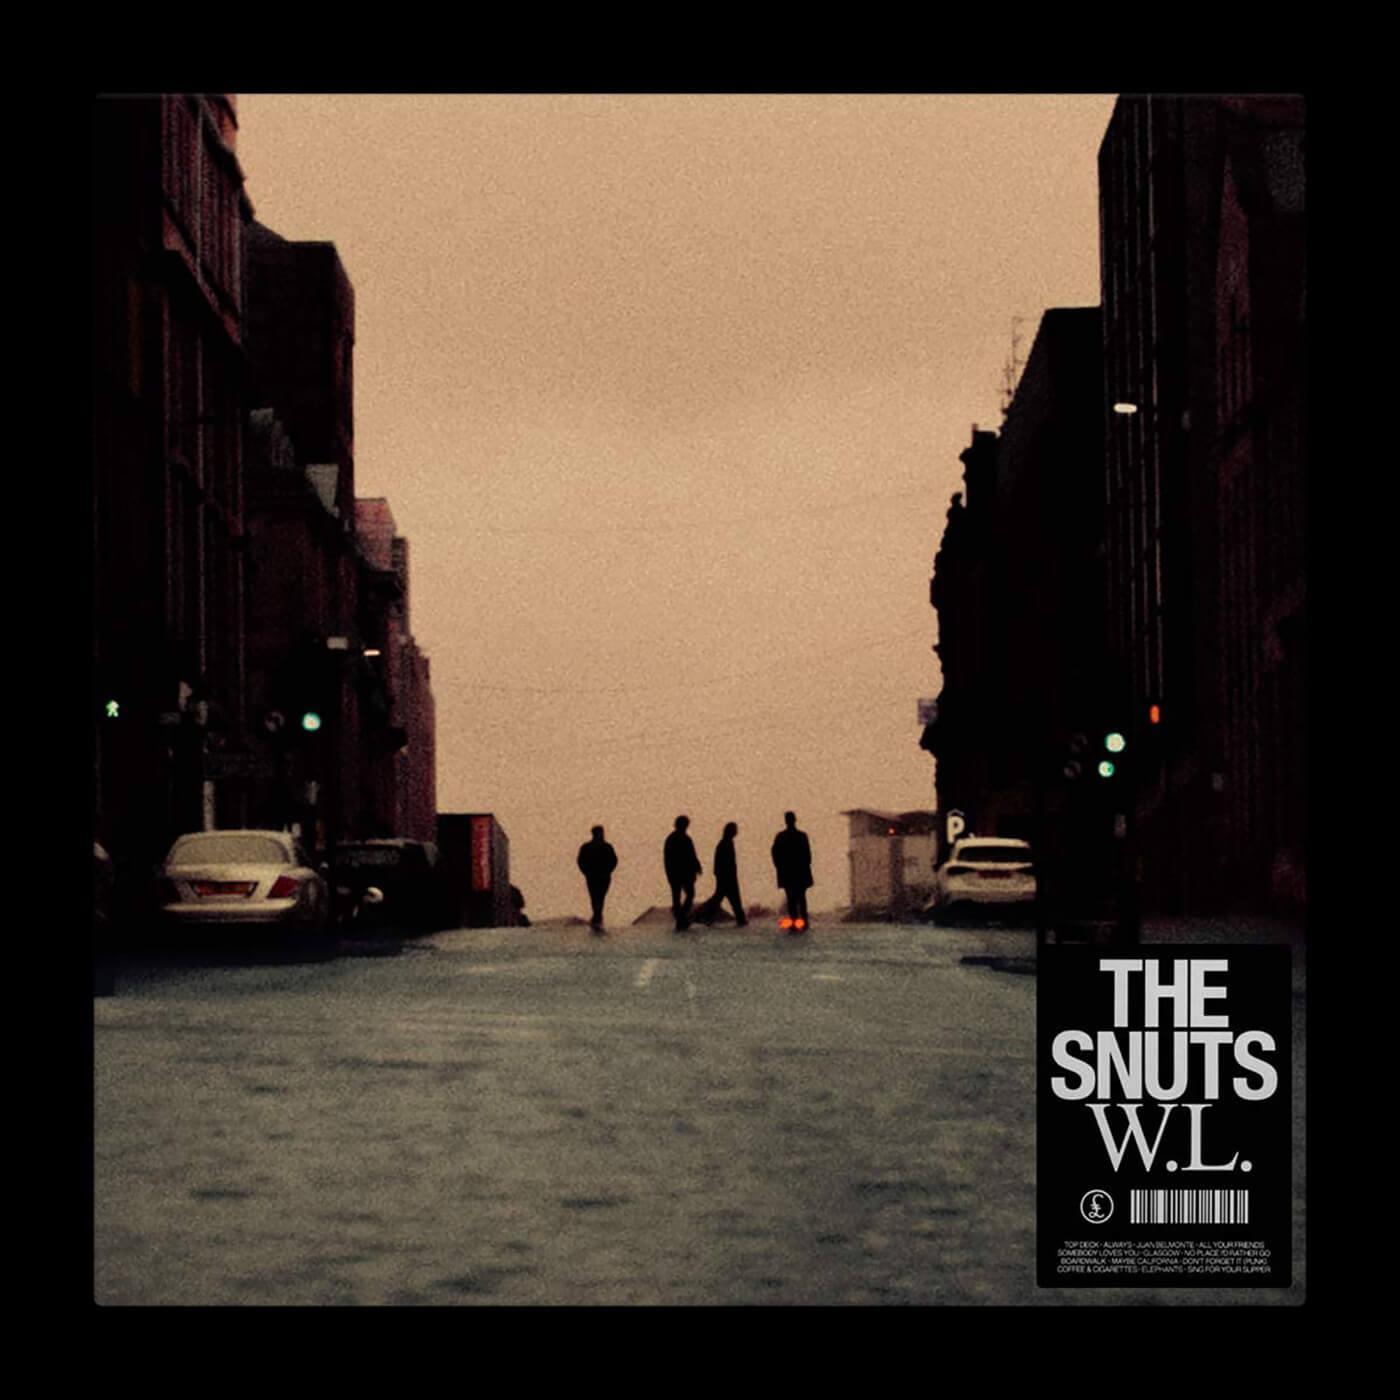 The Snuts - W.L